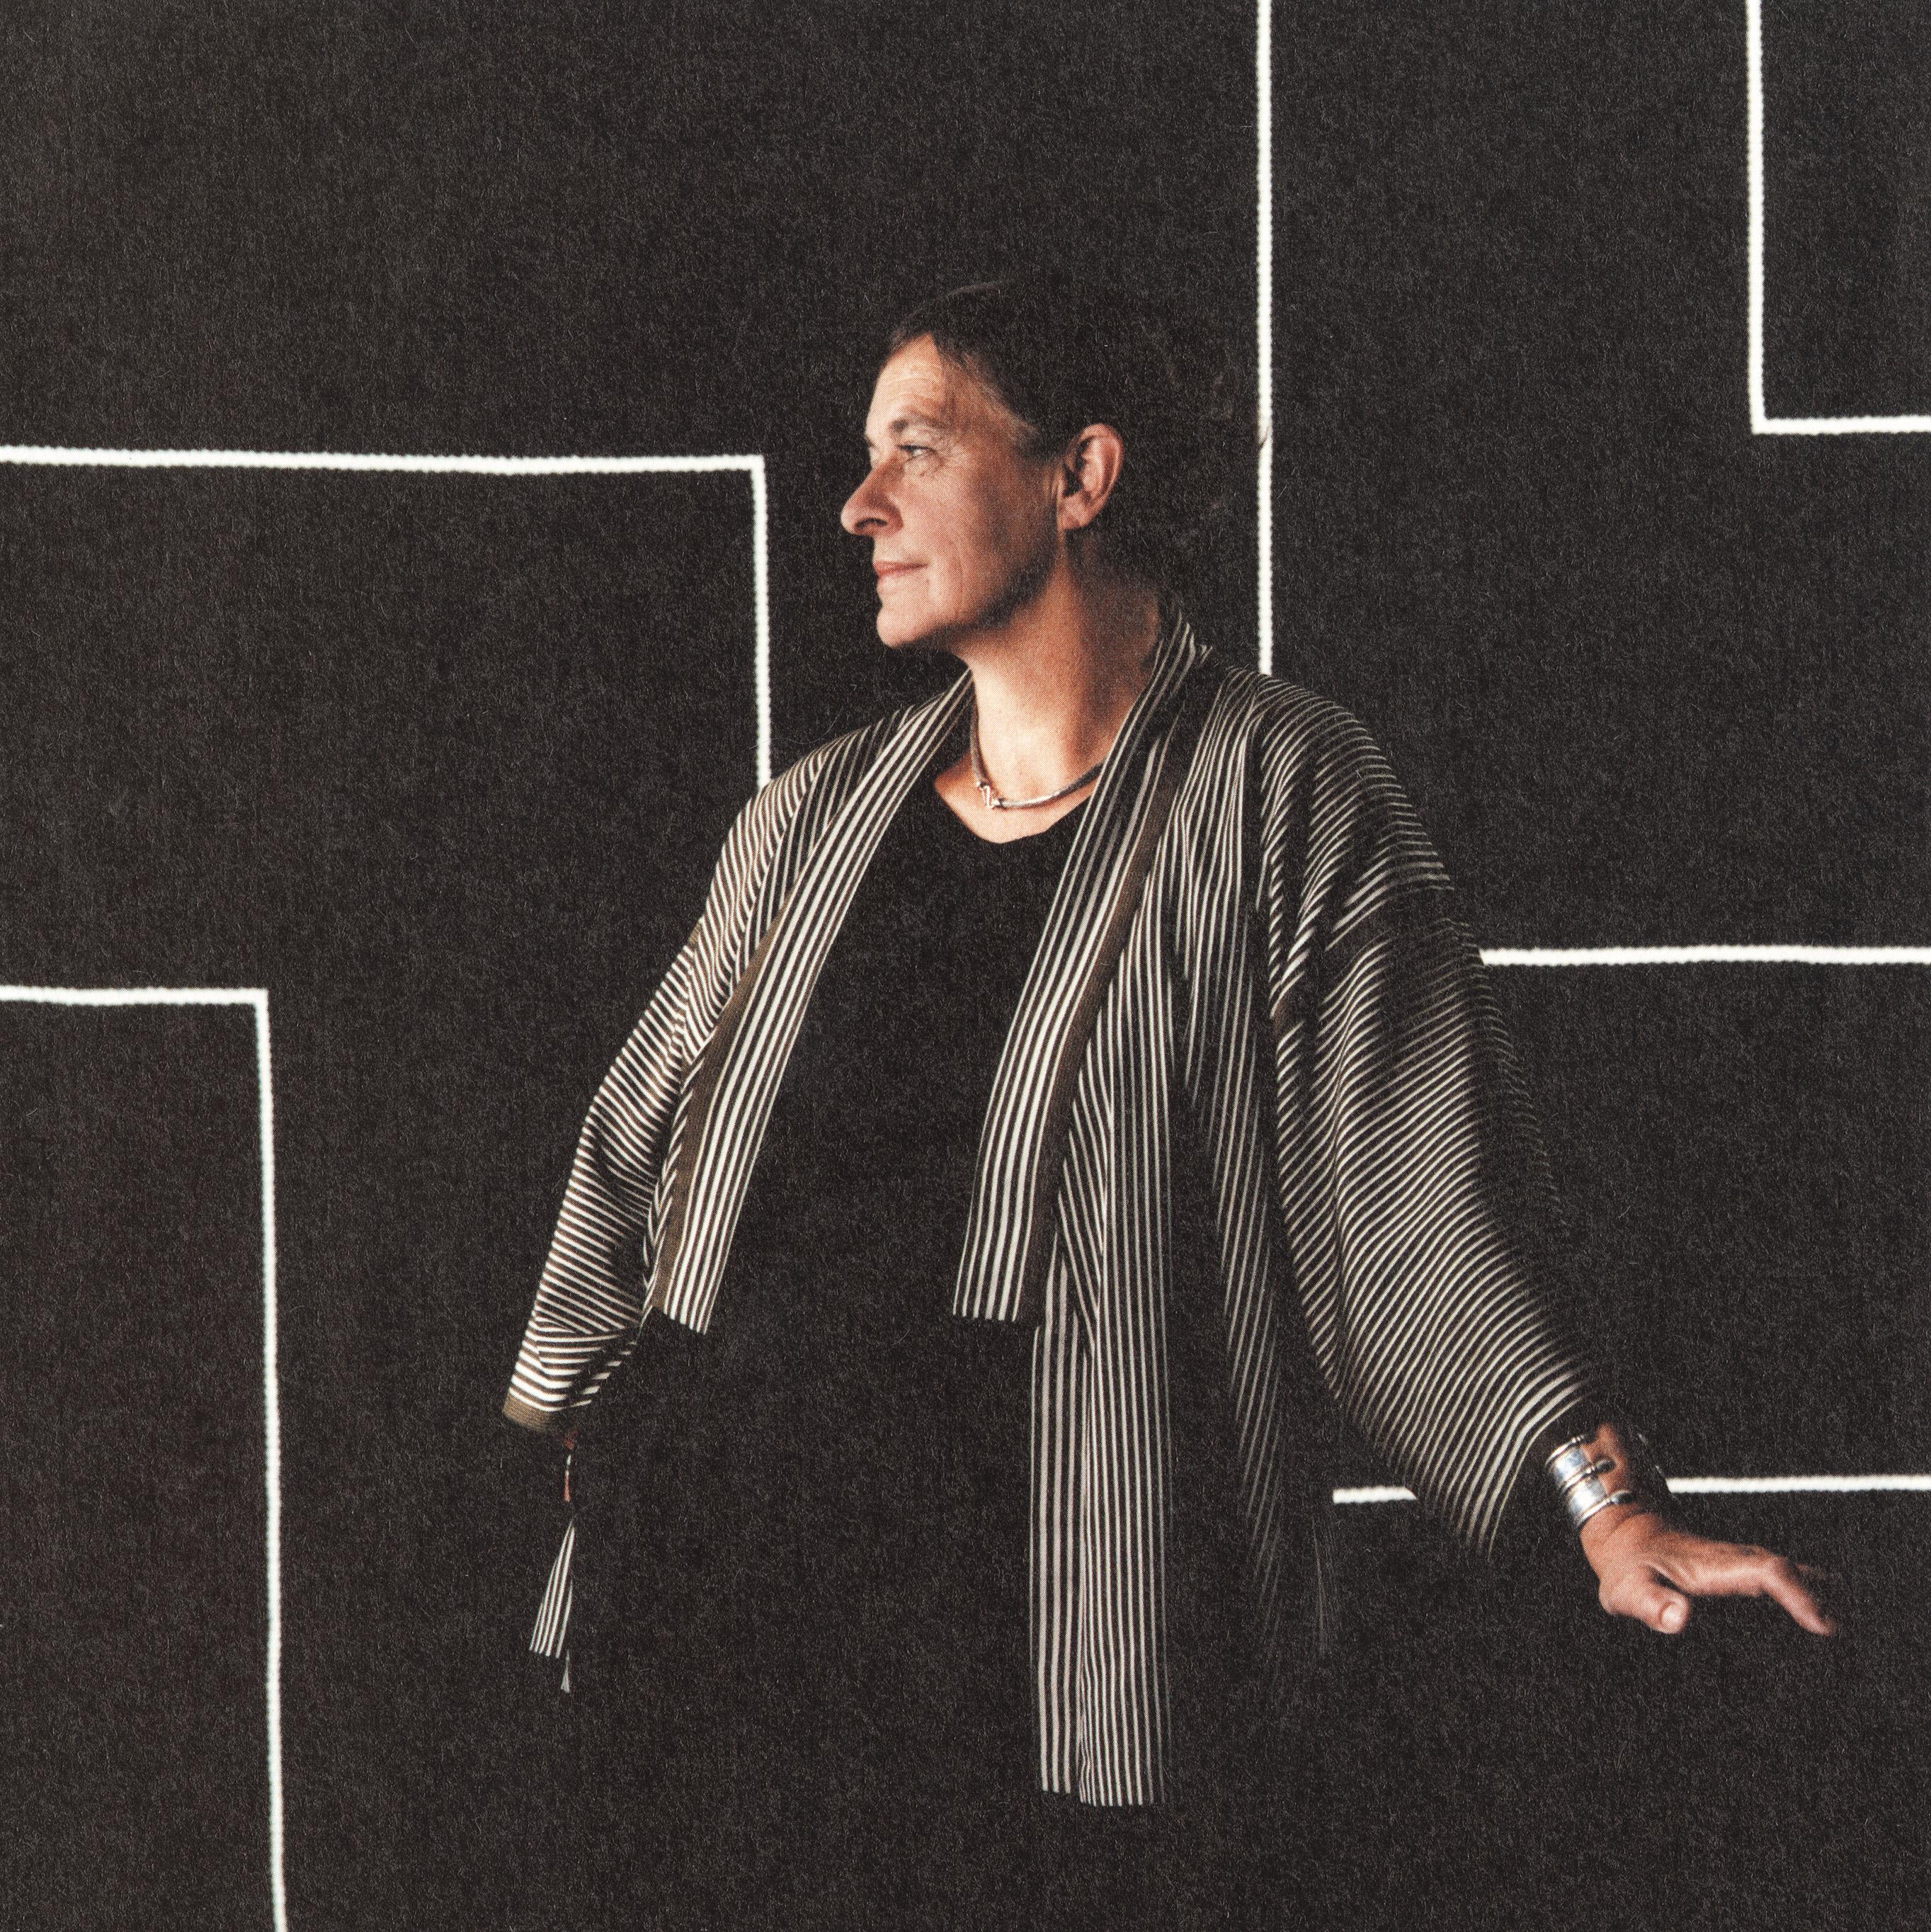 Vibeke-Klint-Portrait